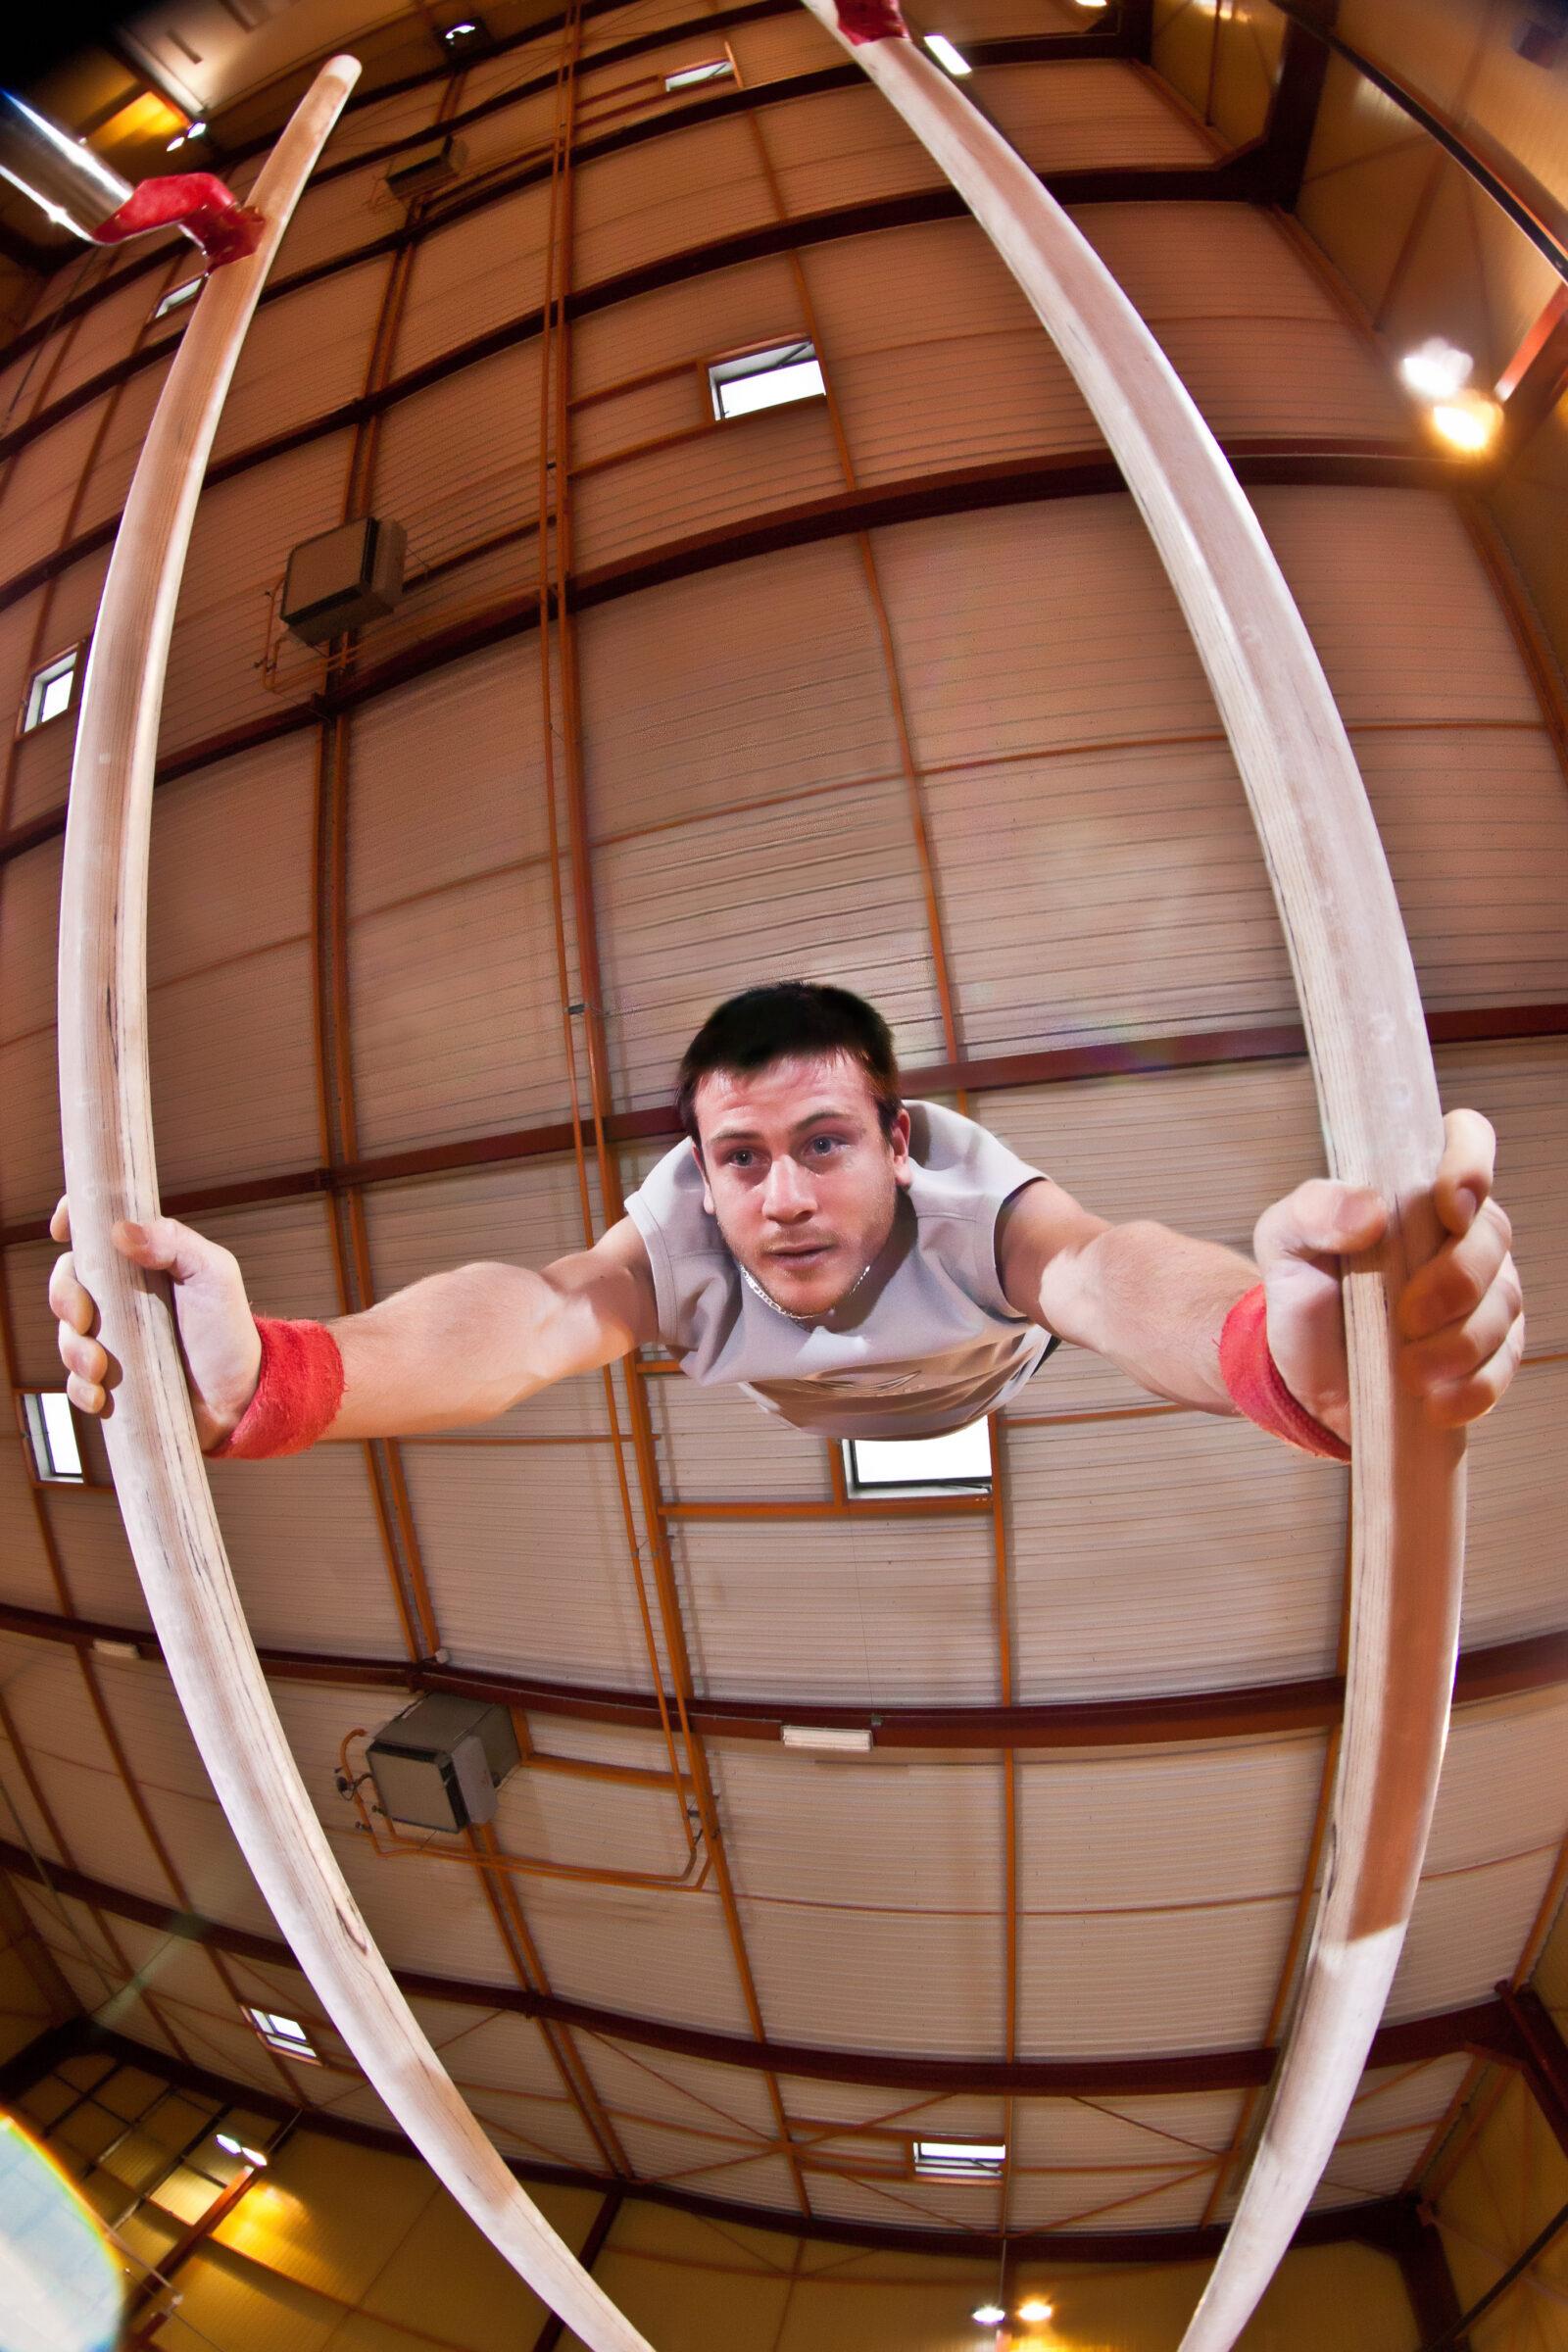 gymnastique barres parallèles